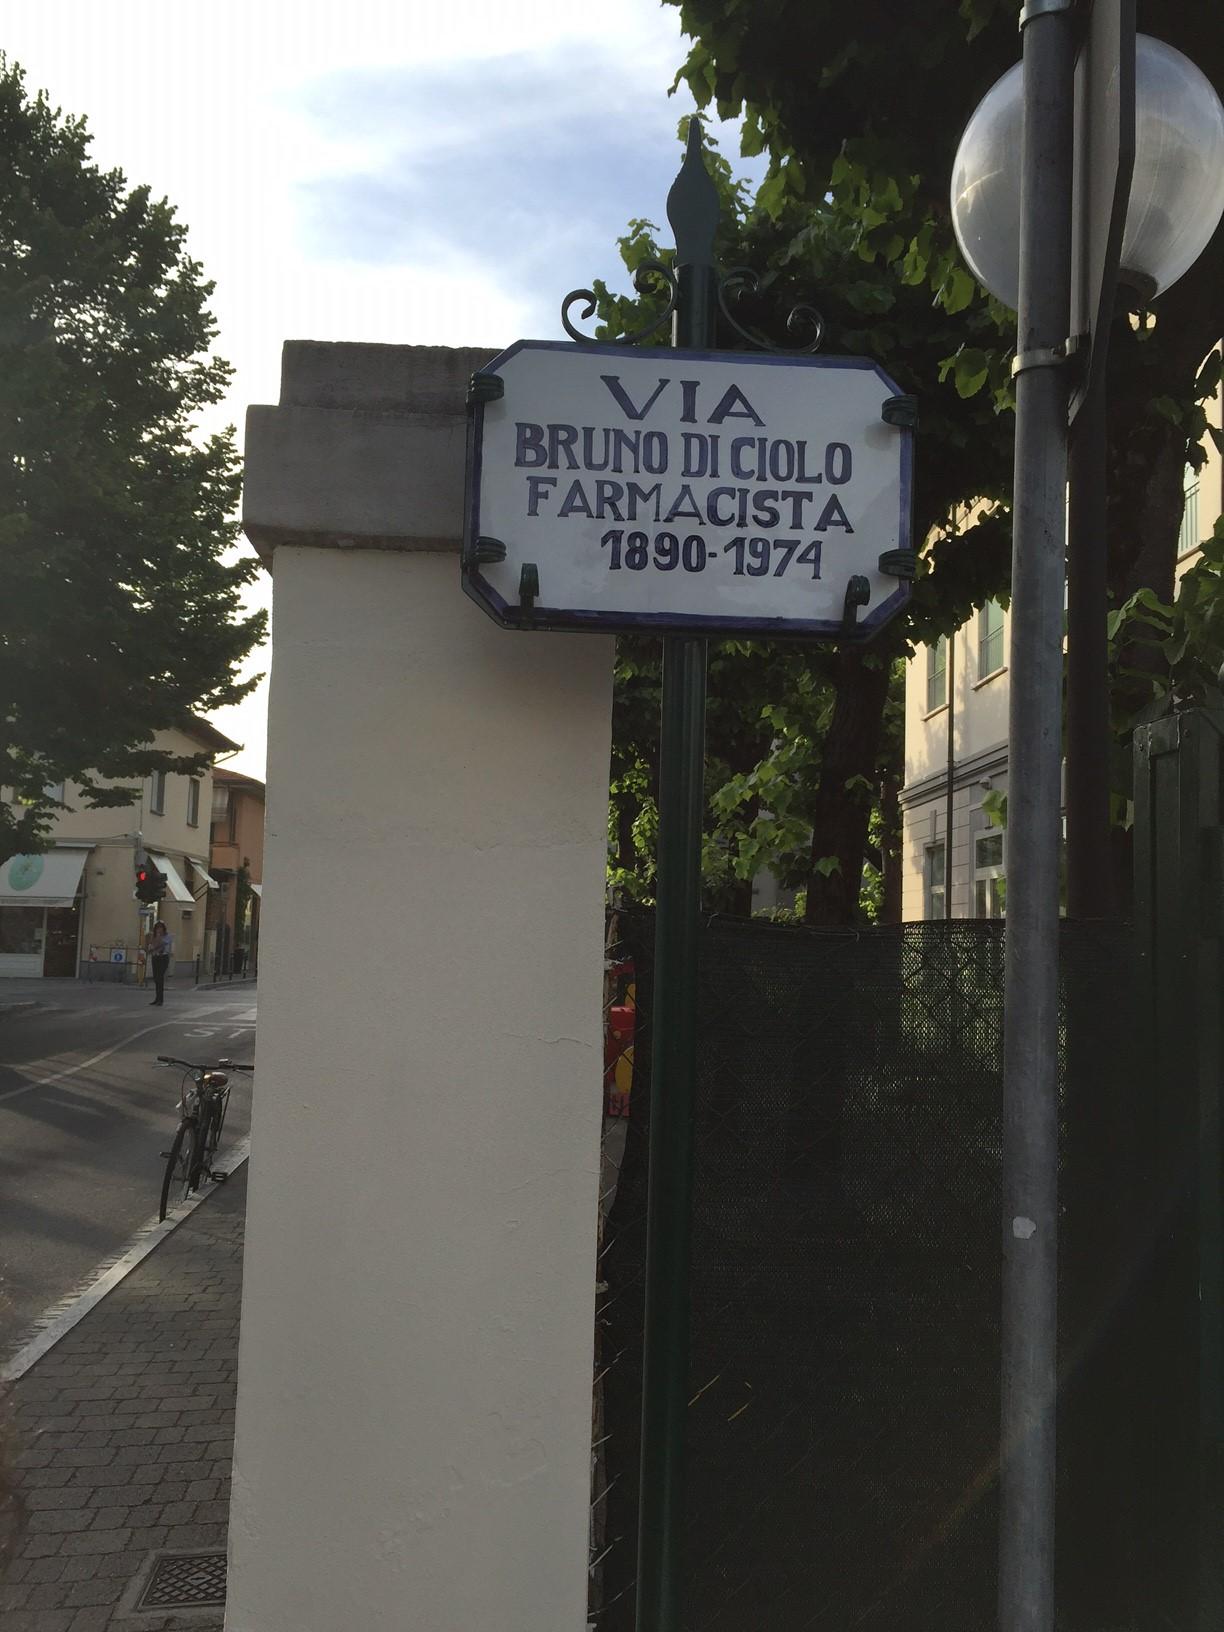 Intitolata una strada a Bruno Di Ciolo